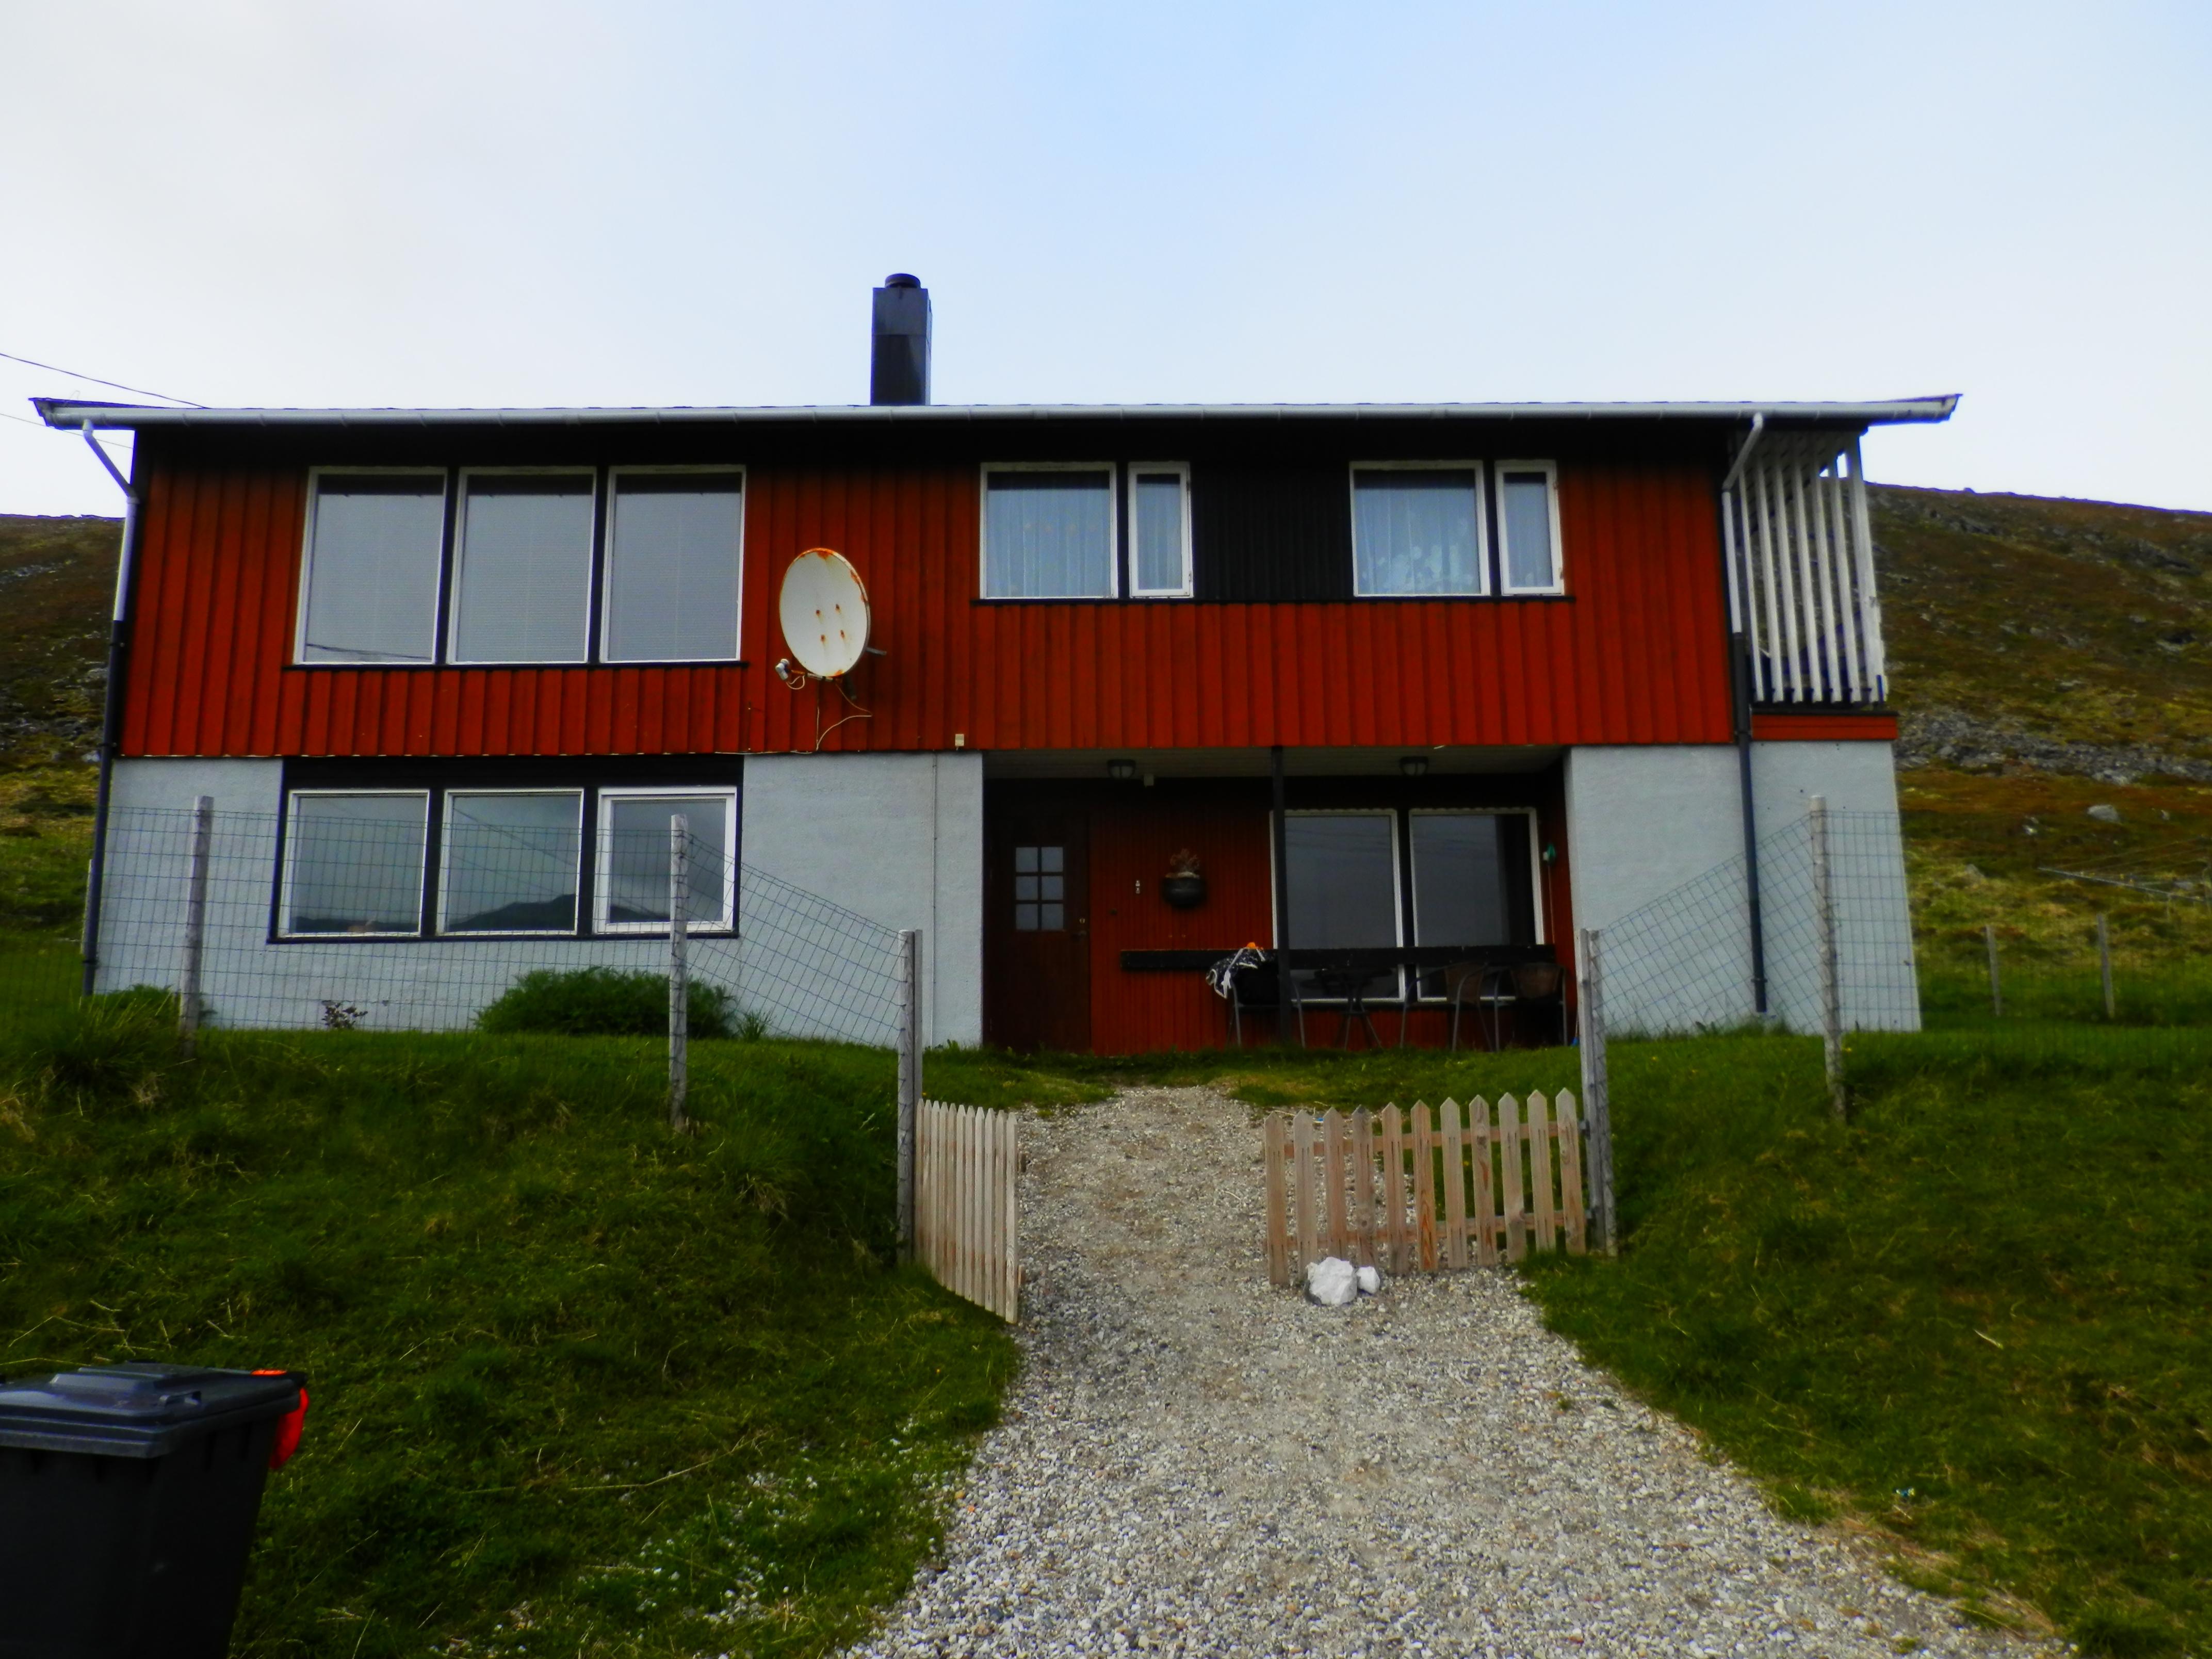 Zu verkaufen haus skarsvag finnmark norwegen for Norwegen haus